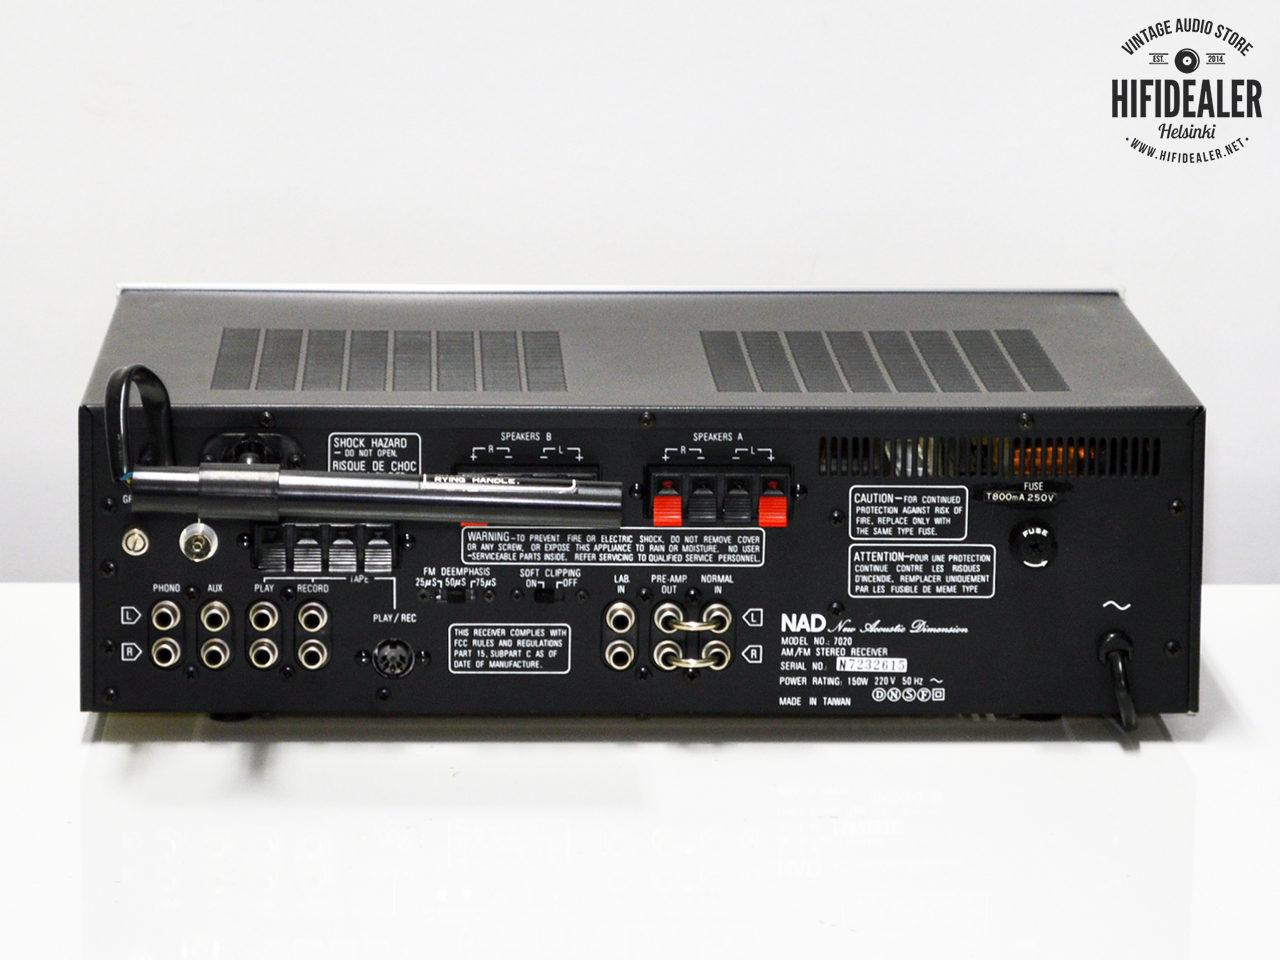 nad-7020-2